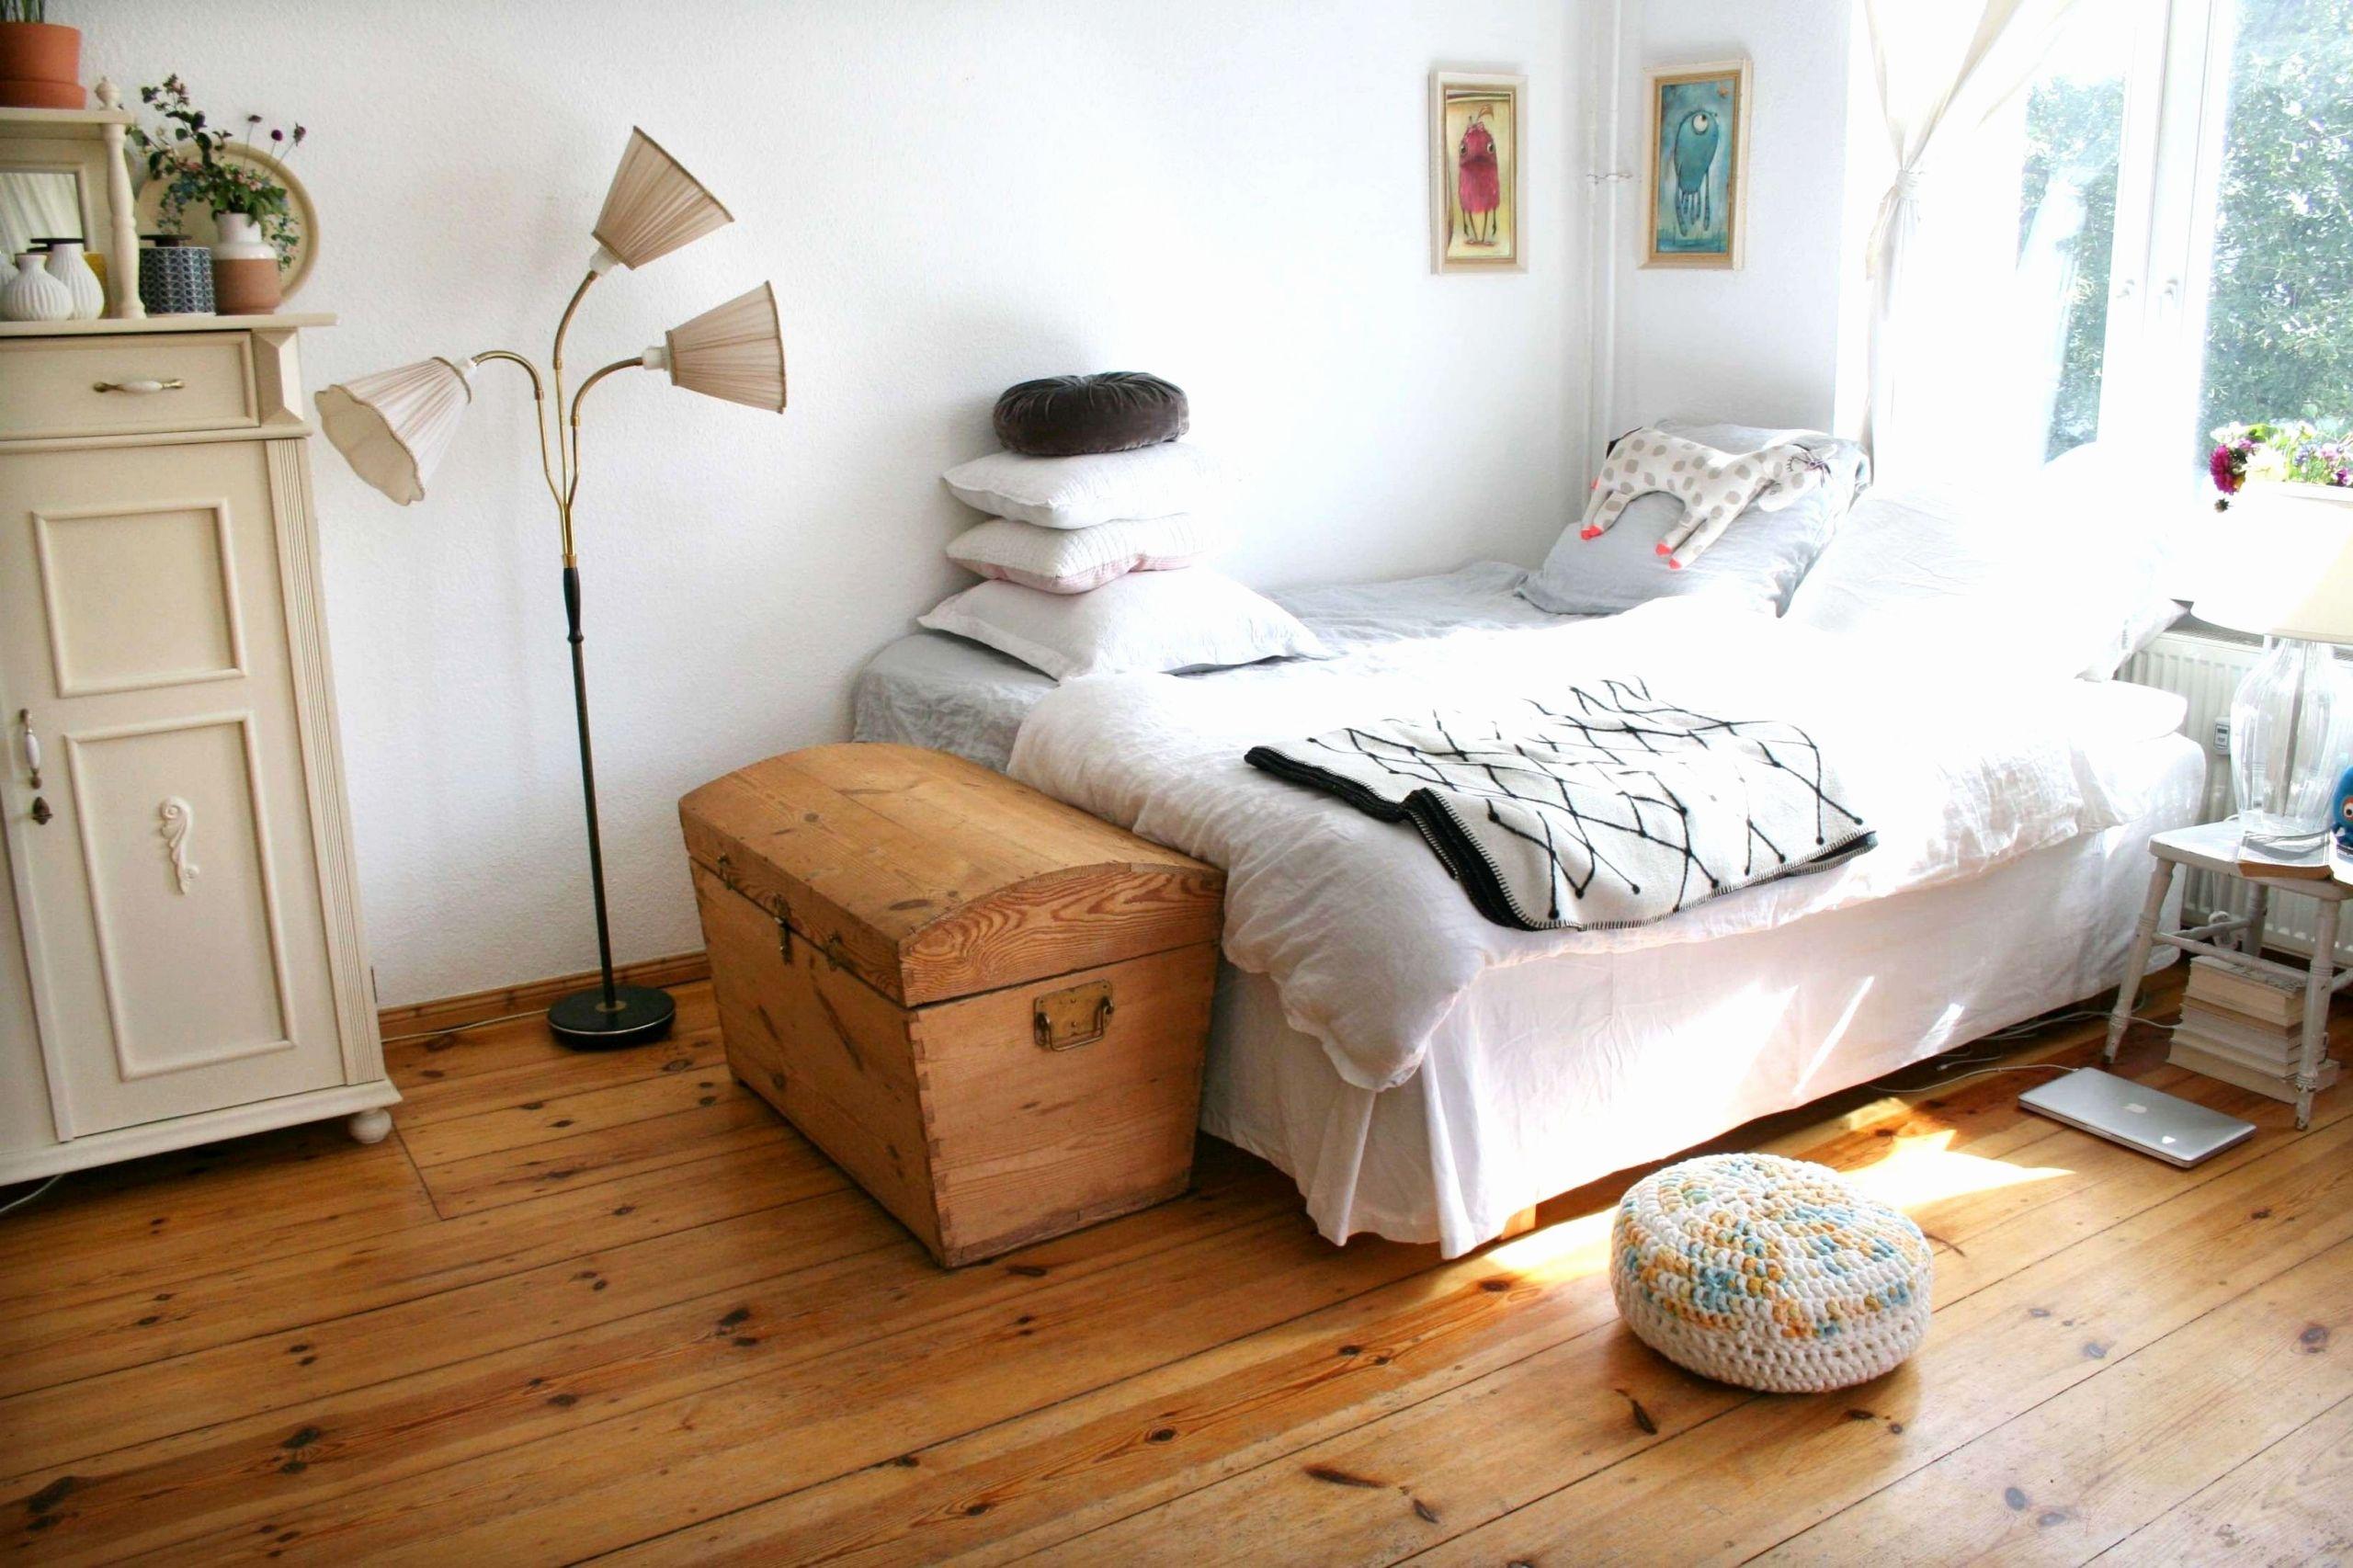 mein wohnzimmer lovely schlafzimmer einrichtung schn wg zimmer nach innen einrichten mein wohnzimmer lovely schlafzimmer einrichtung schon wg zimmer einrichten das beste von of